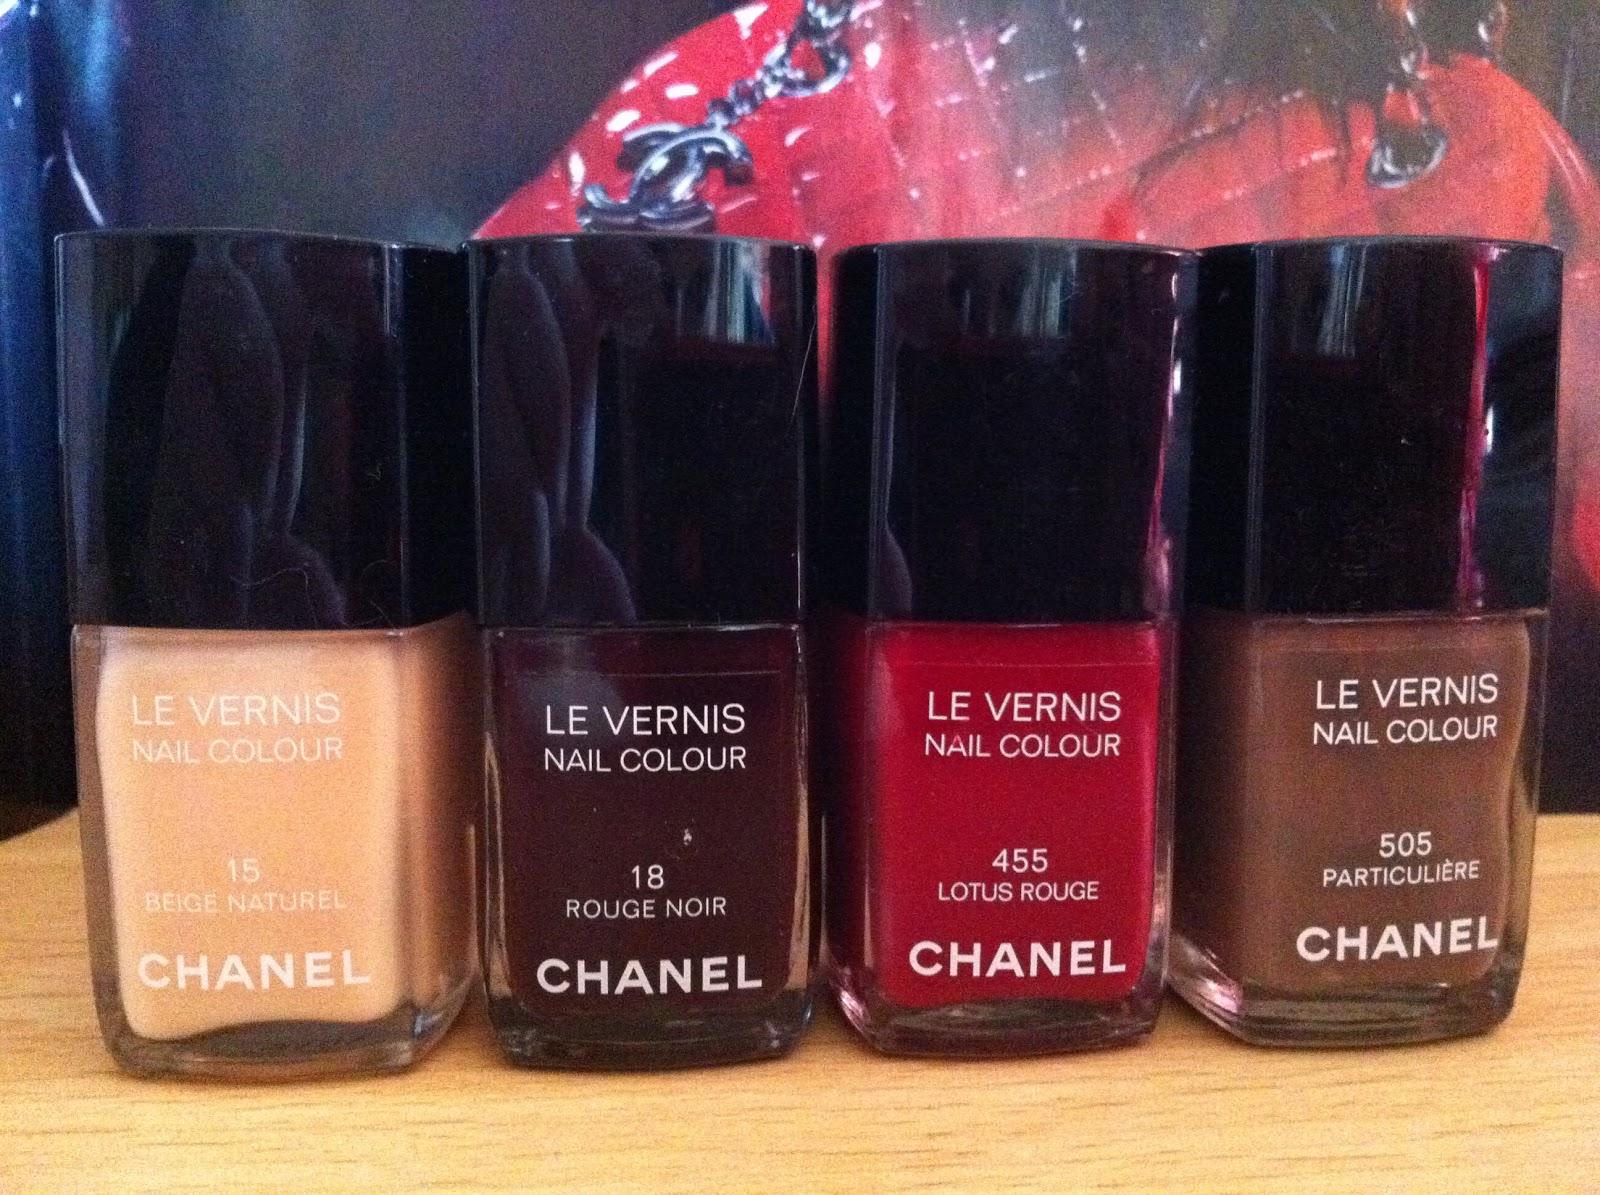 Lo que lleve la rubia: Esmaltes de uñas ¿Qué colores y marcas prefieres?